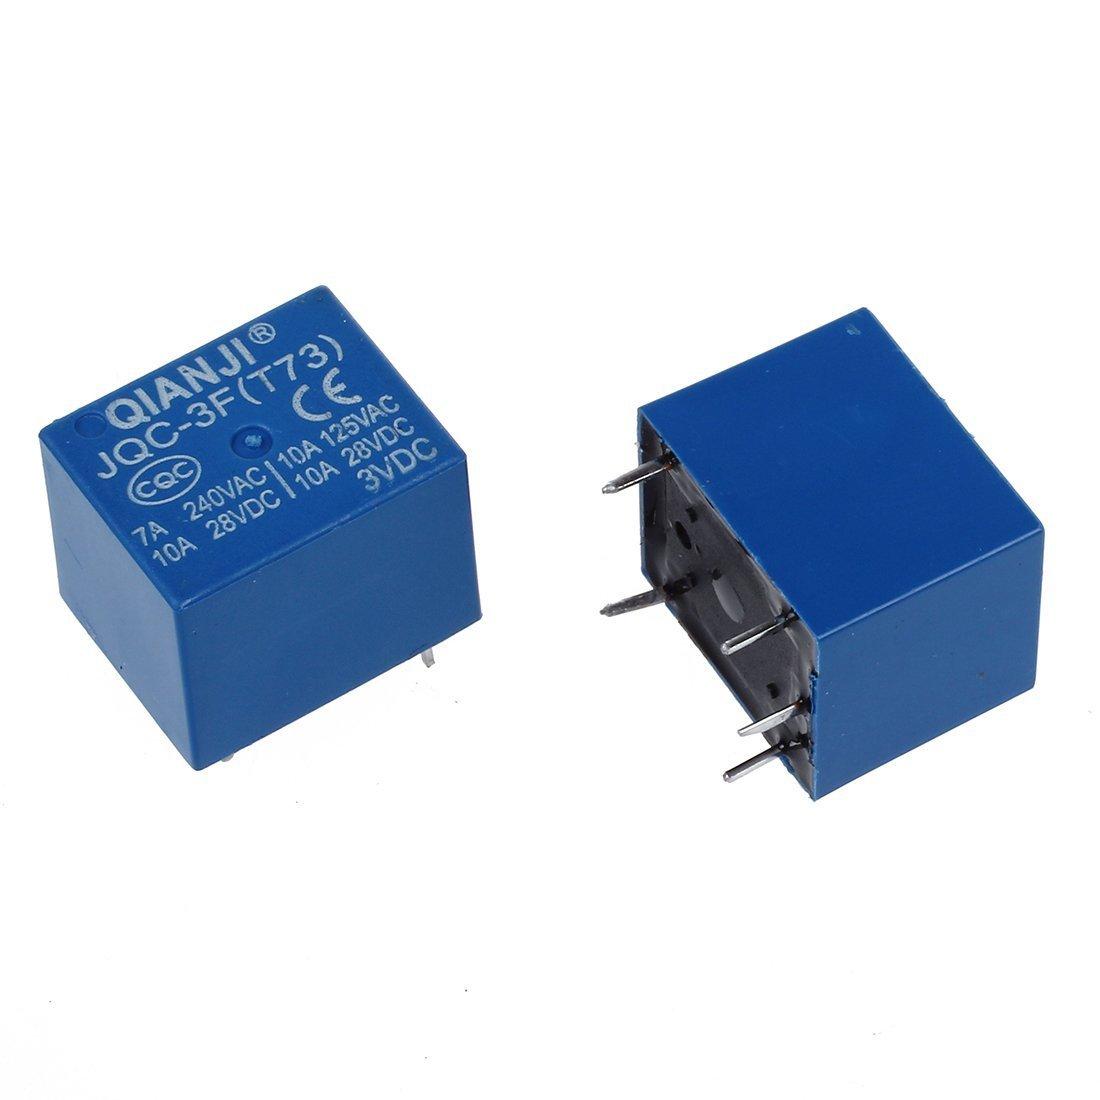 Sourcingmap 10 X Dc 3v Spule 10a 125v Ac 28v 5 Pins Spst Dc12v To Dc28v Converter With Lm2585 Leistung Relais Jqc 3f Baumarkt